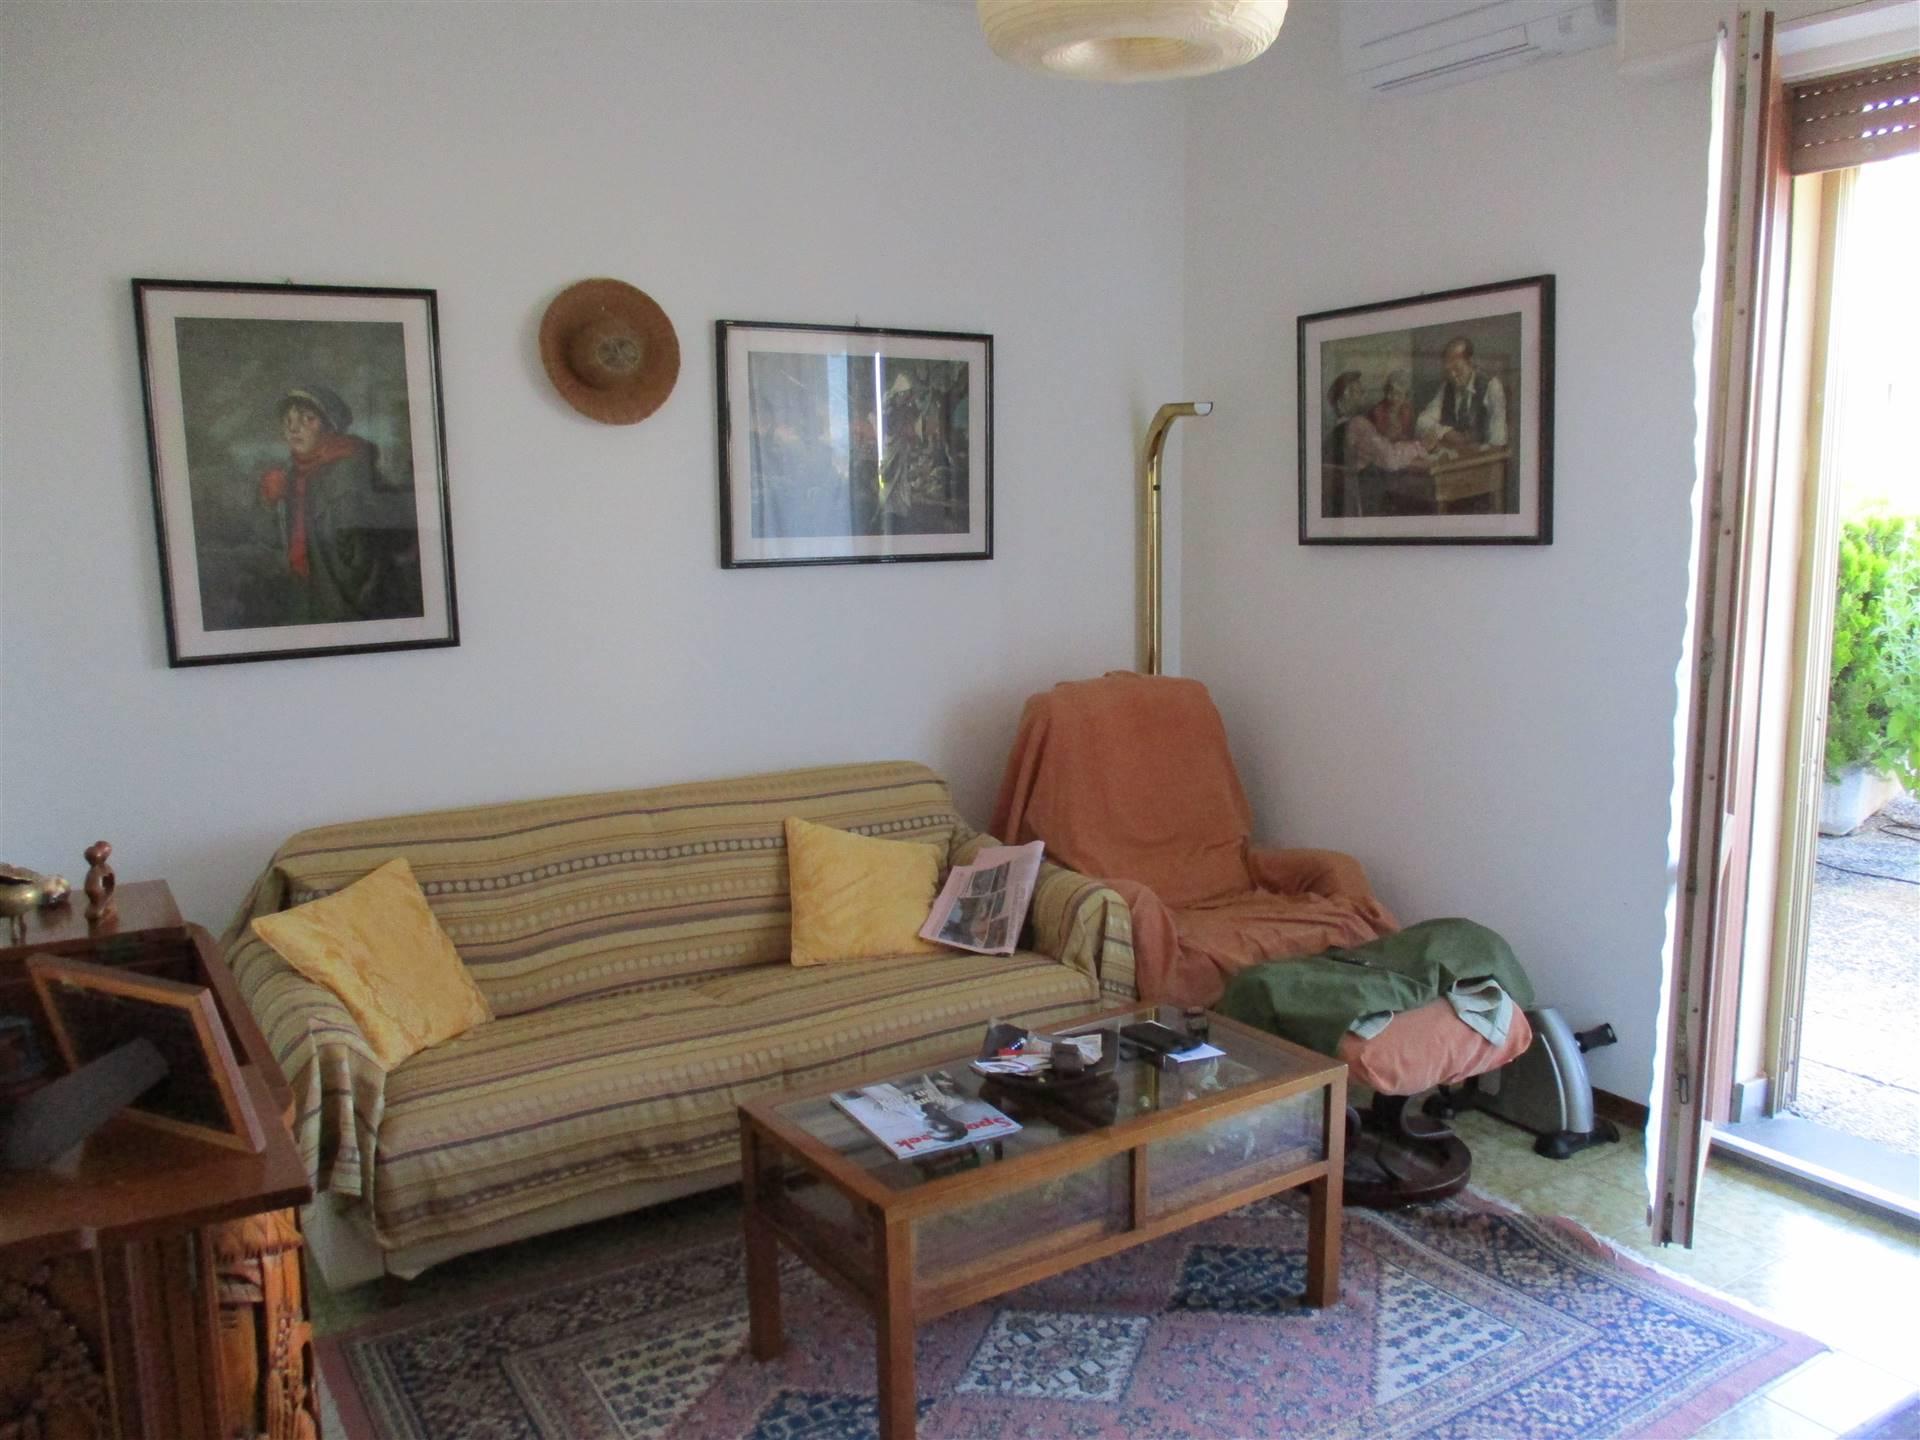 Appartamento in Vendita a Poggio a caiano zona  - immagine 17